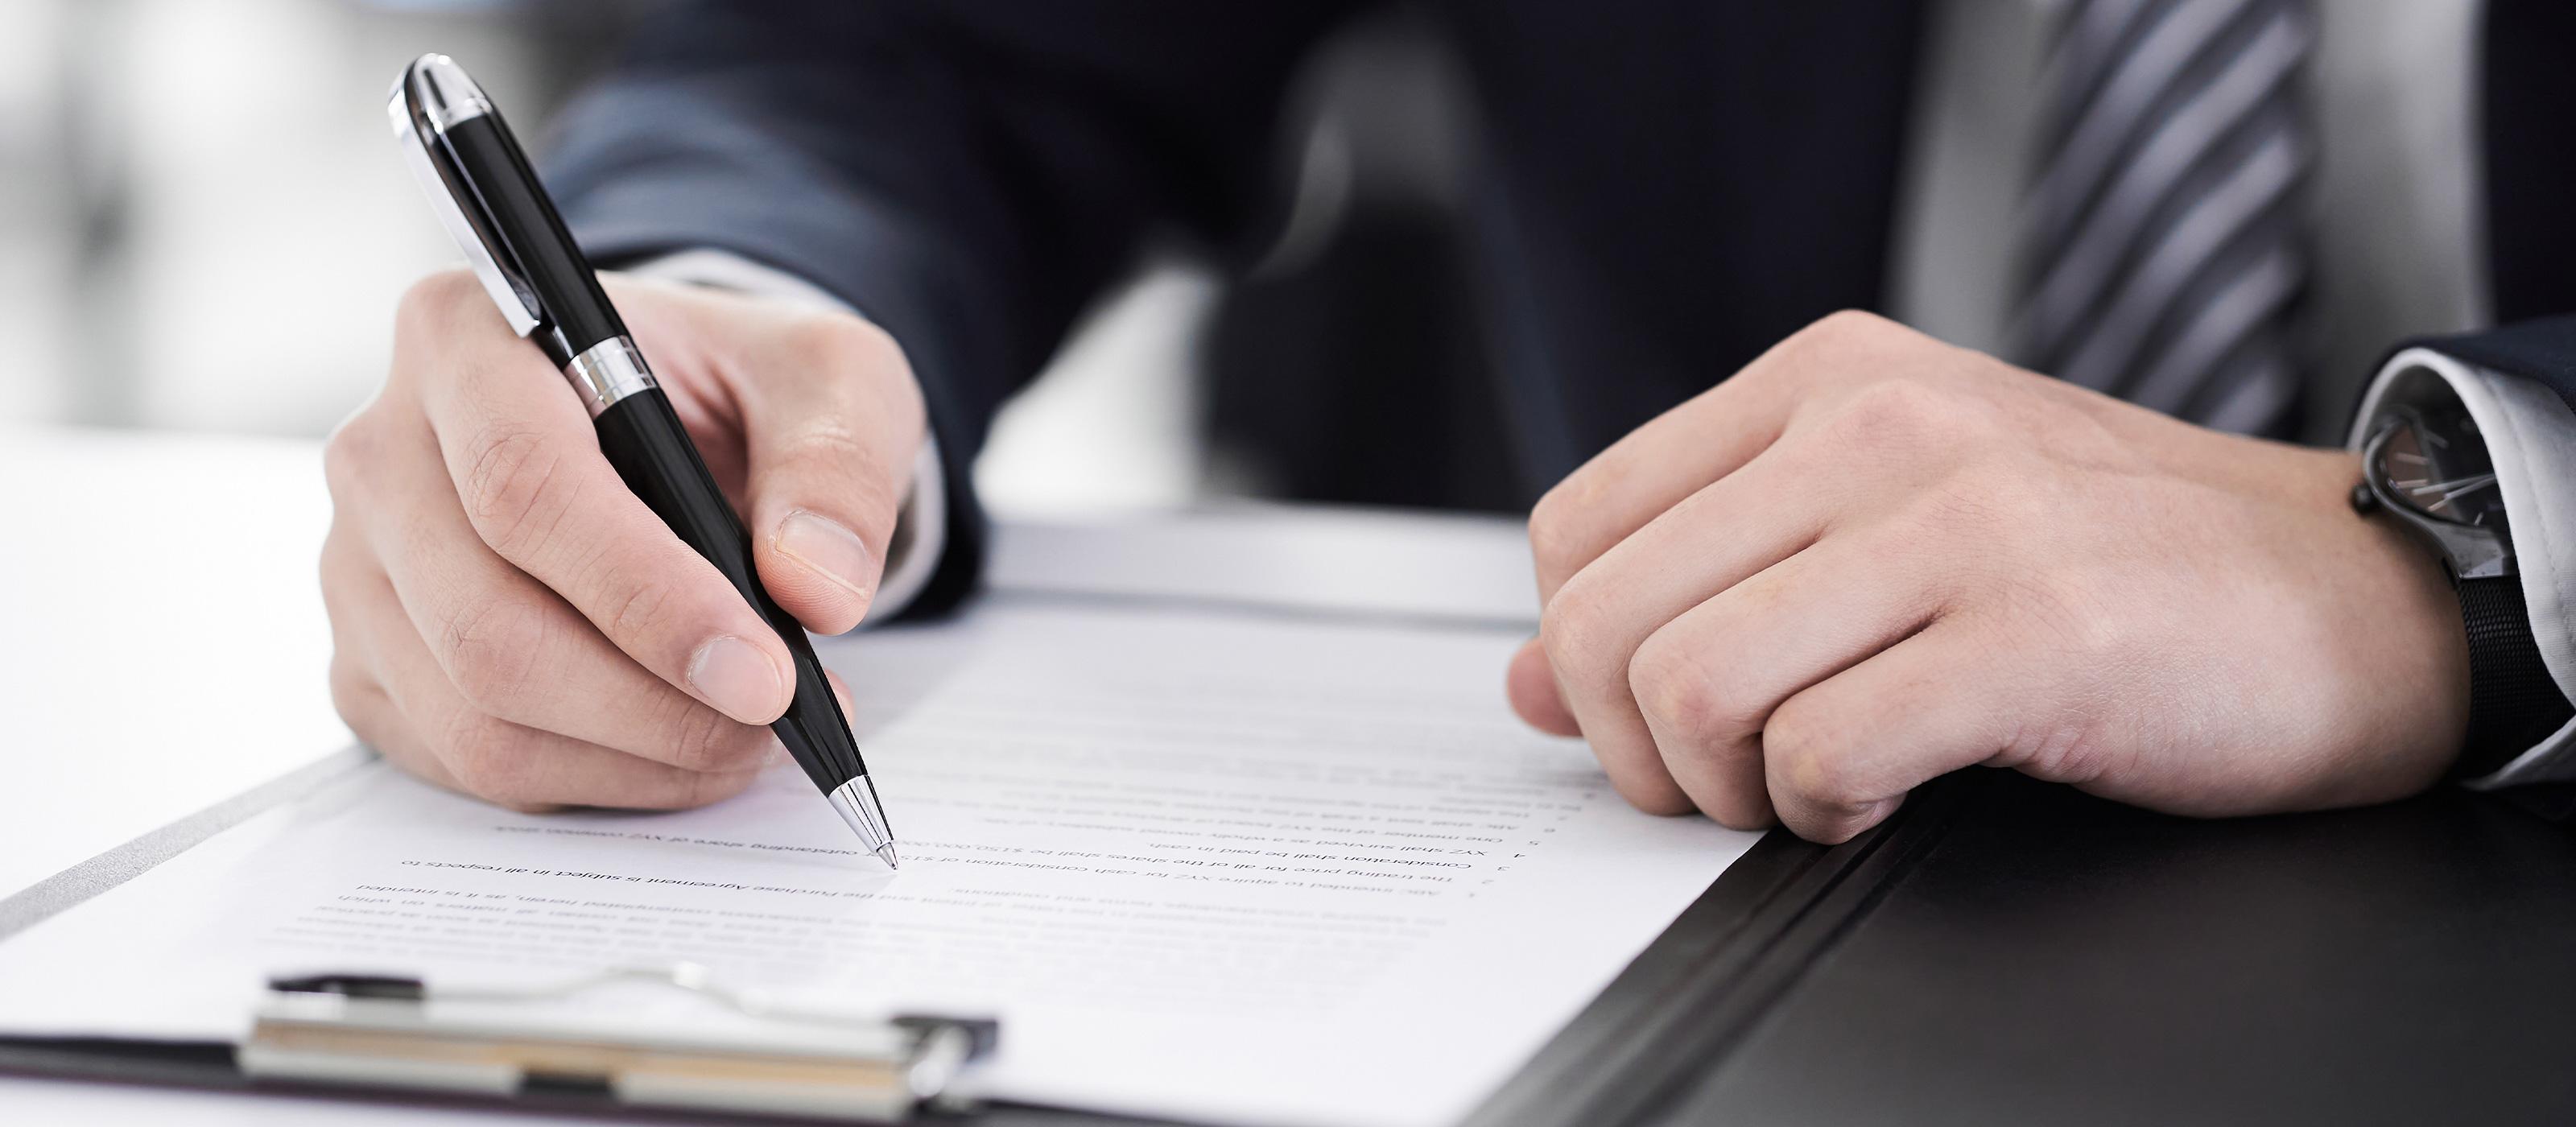 労働保険・社会保険の各種手続き